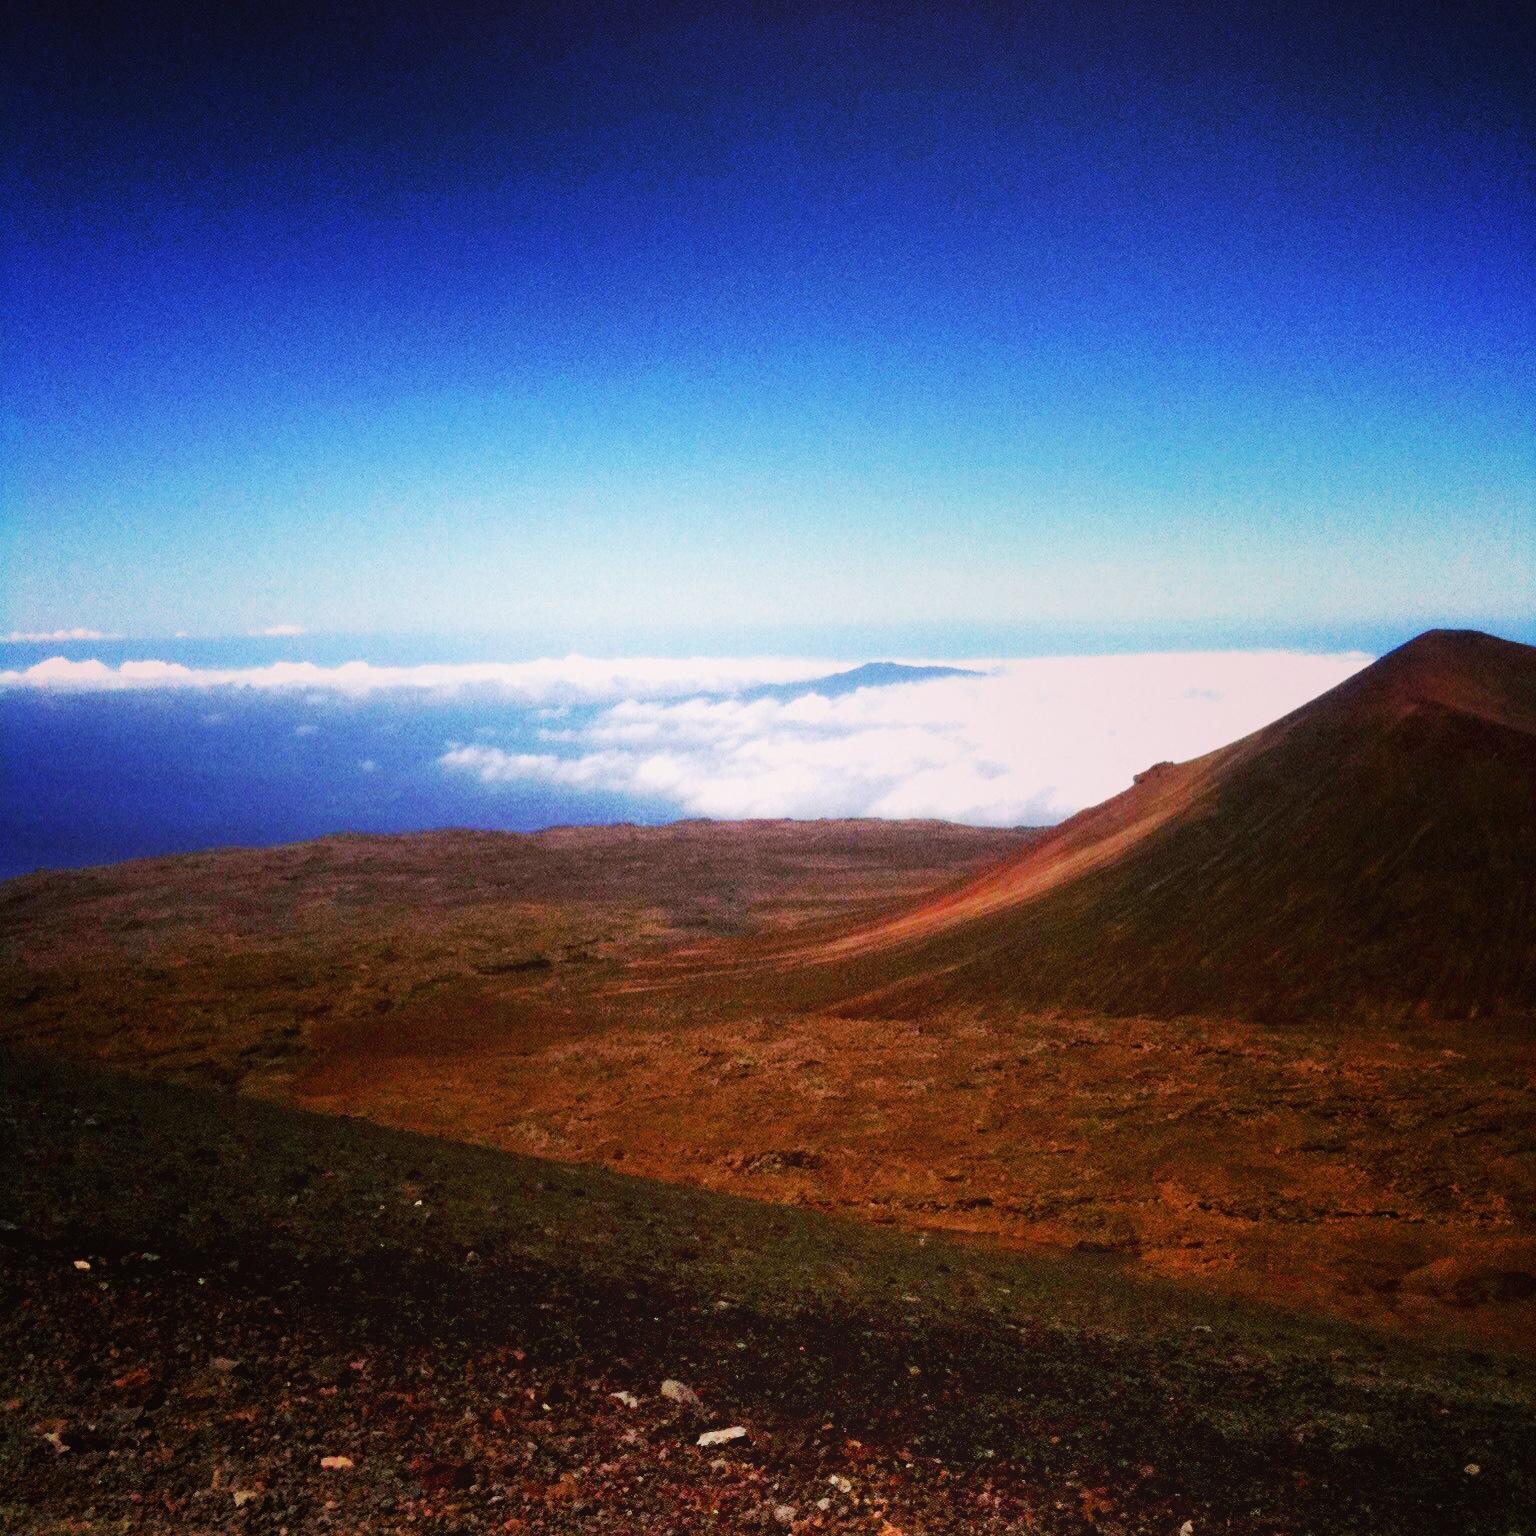 Looking at the top of Hualalai while heading up Mauna Kea.